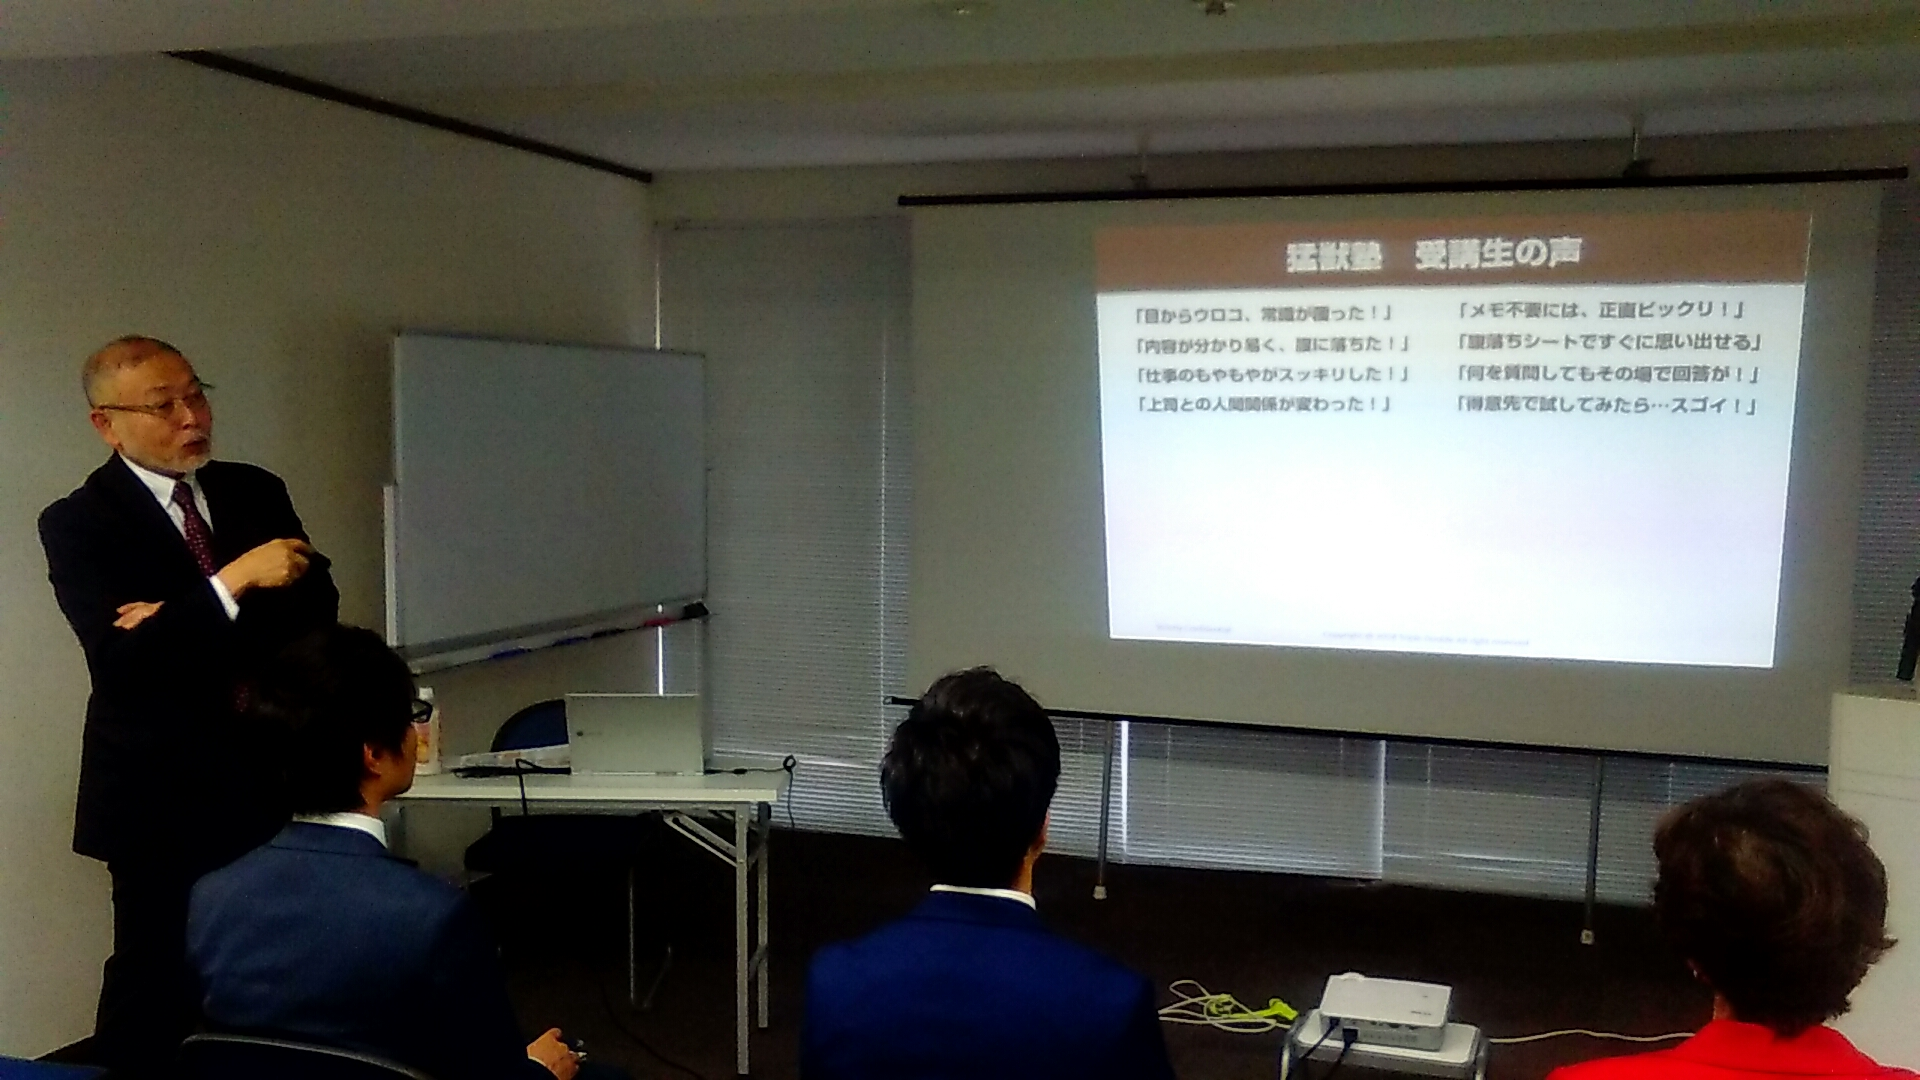 20180411162731 - 猛獣塾全国活動中